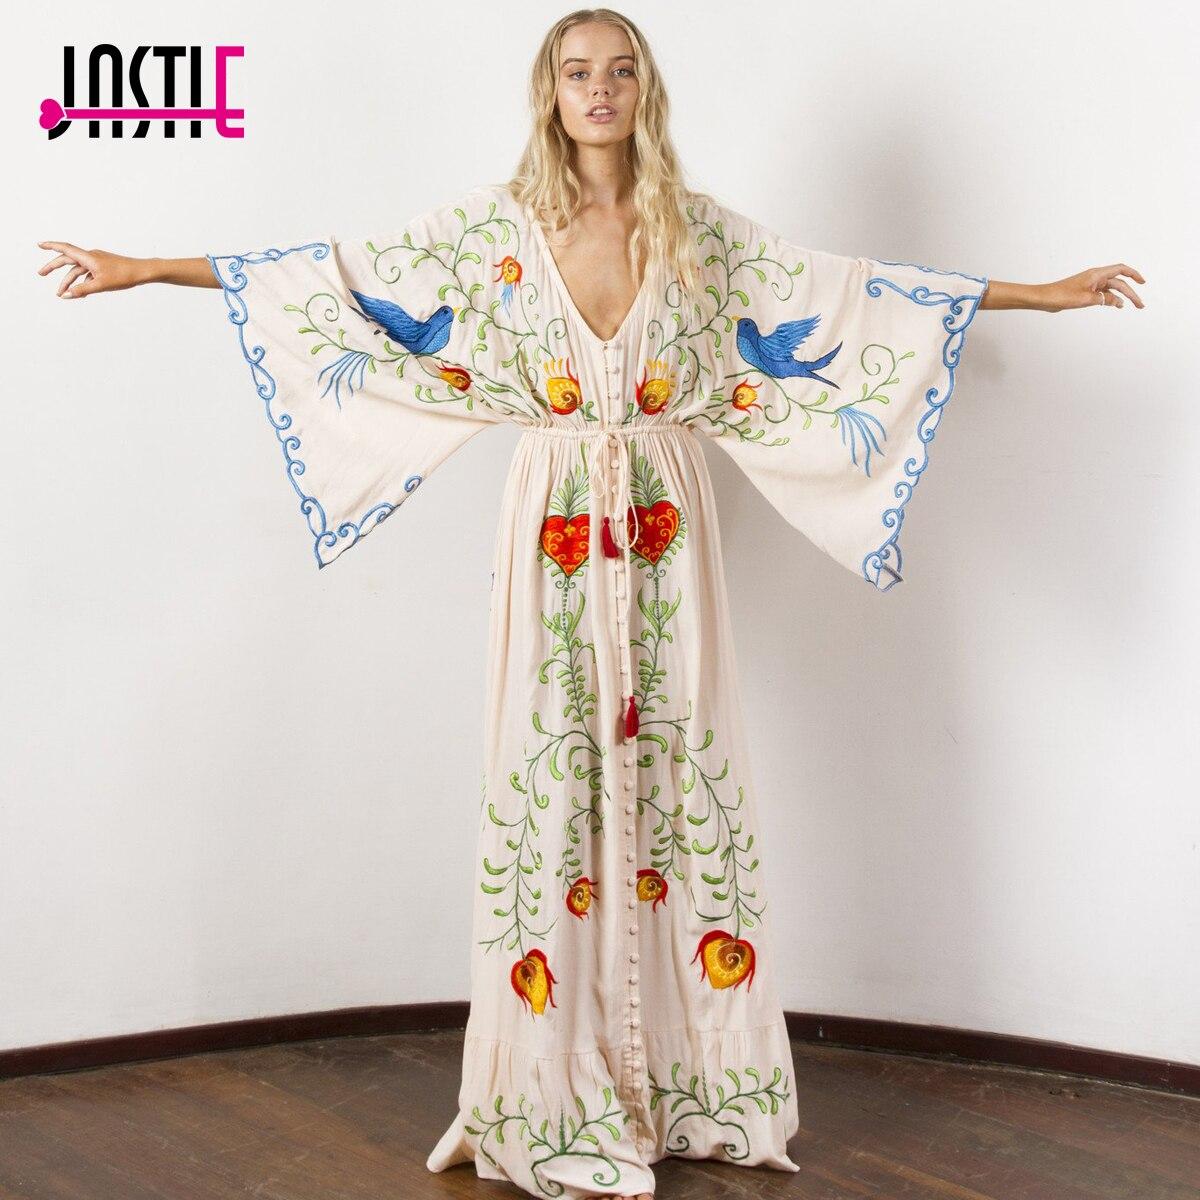 Jastie brodé femmes Maxi robe col en v manches chauve-souris lâche grande taille robes d'été cordon taille Boho plage Vestidos